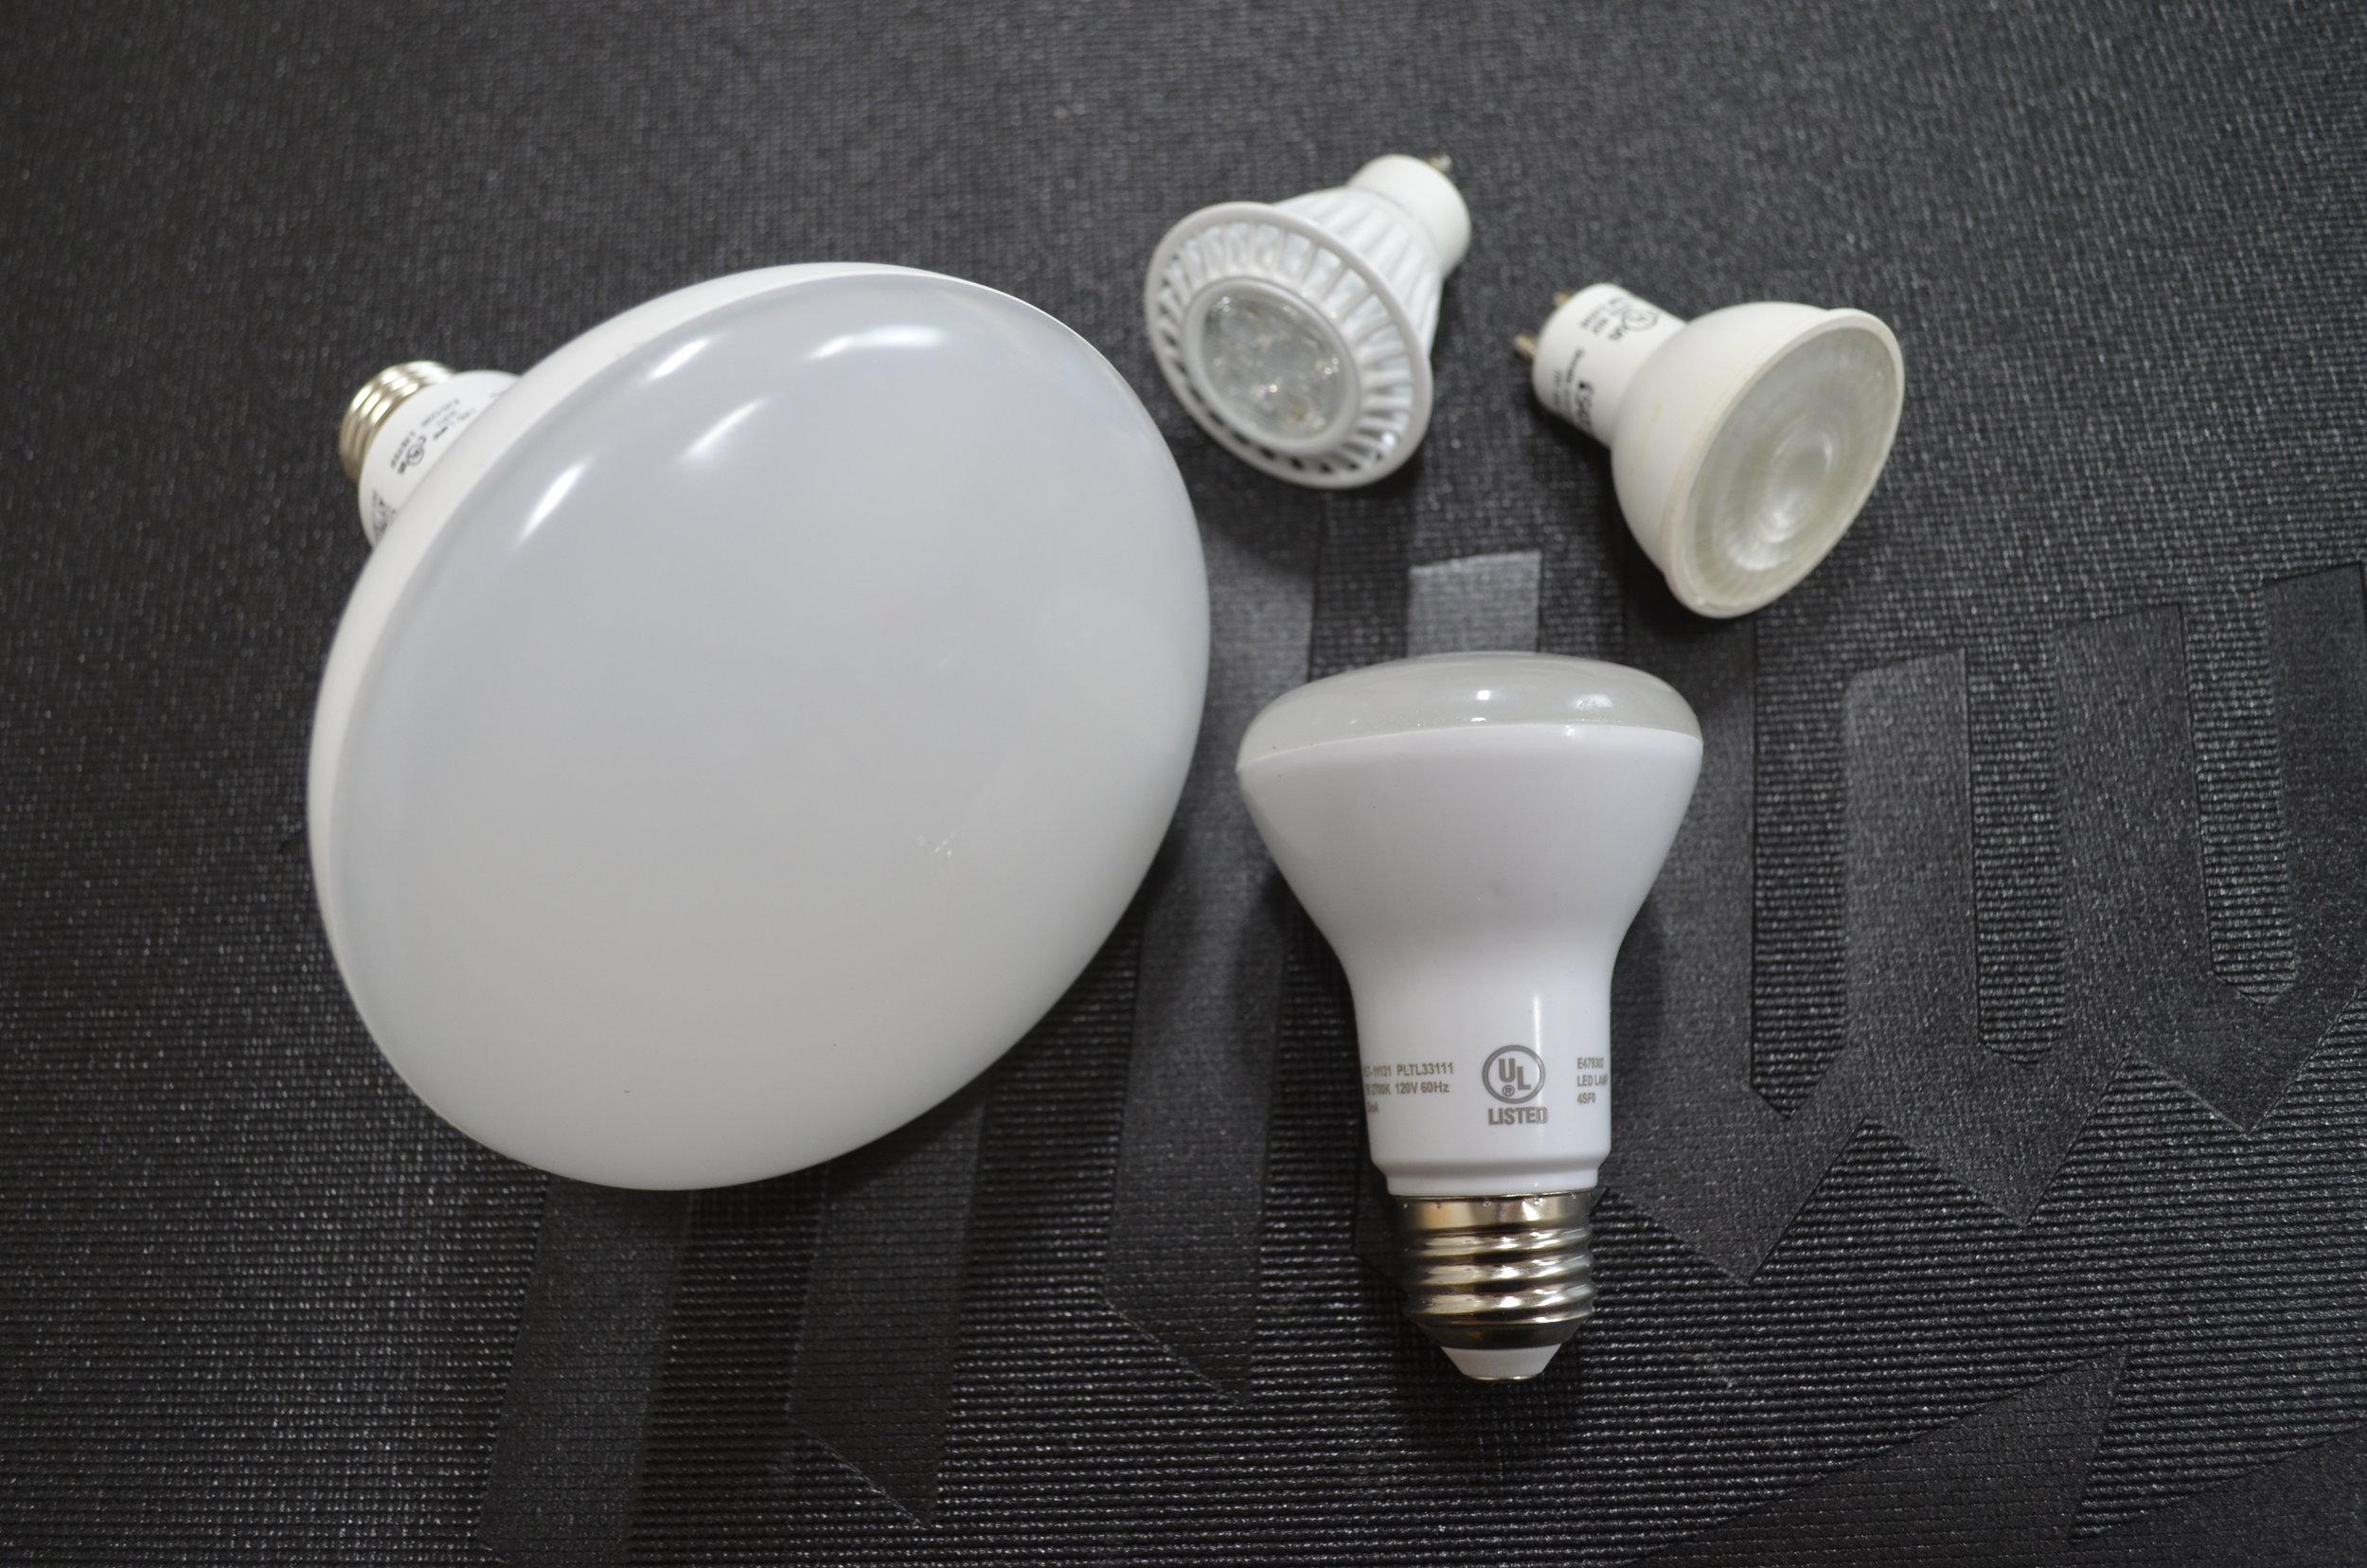 led-lamps-2700k-3500k-4100k-5000k-bulbs